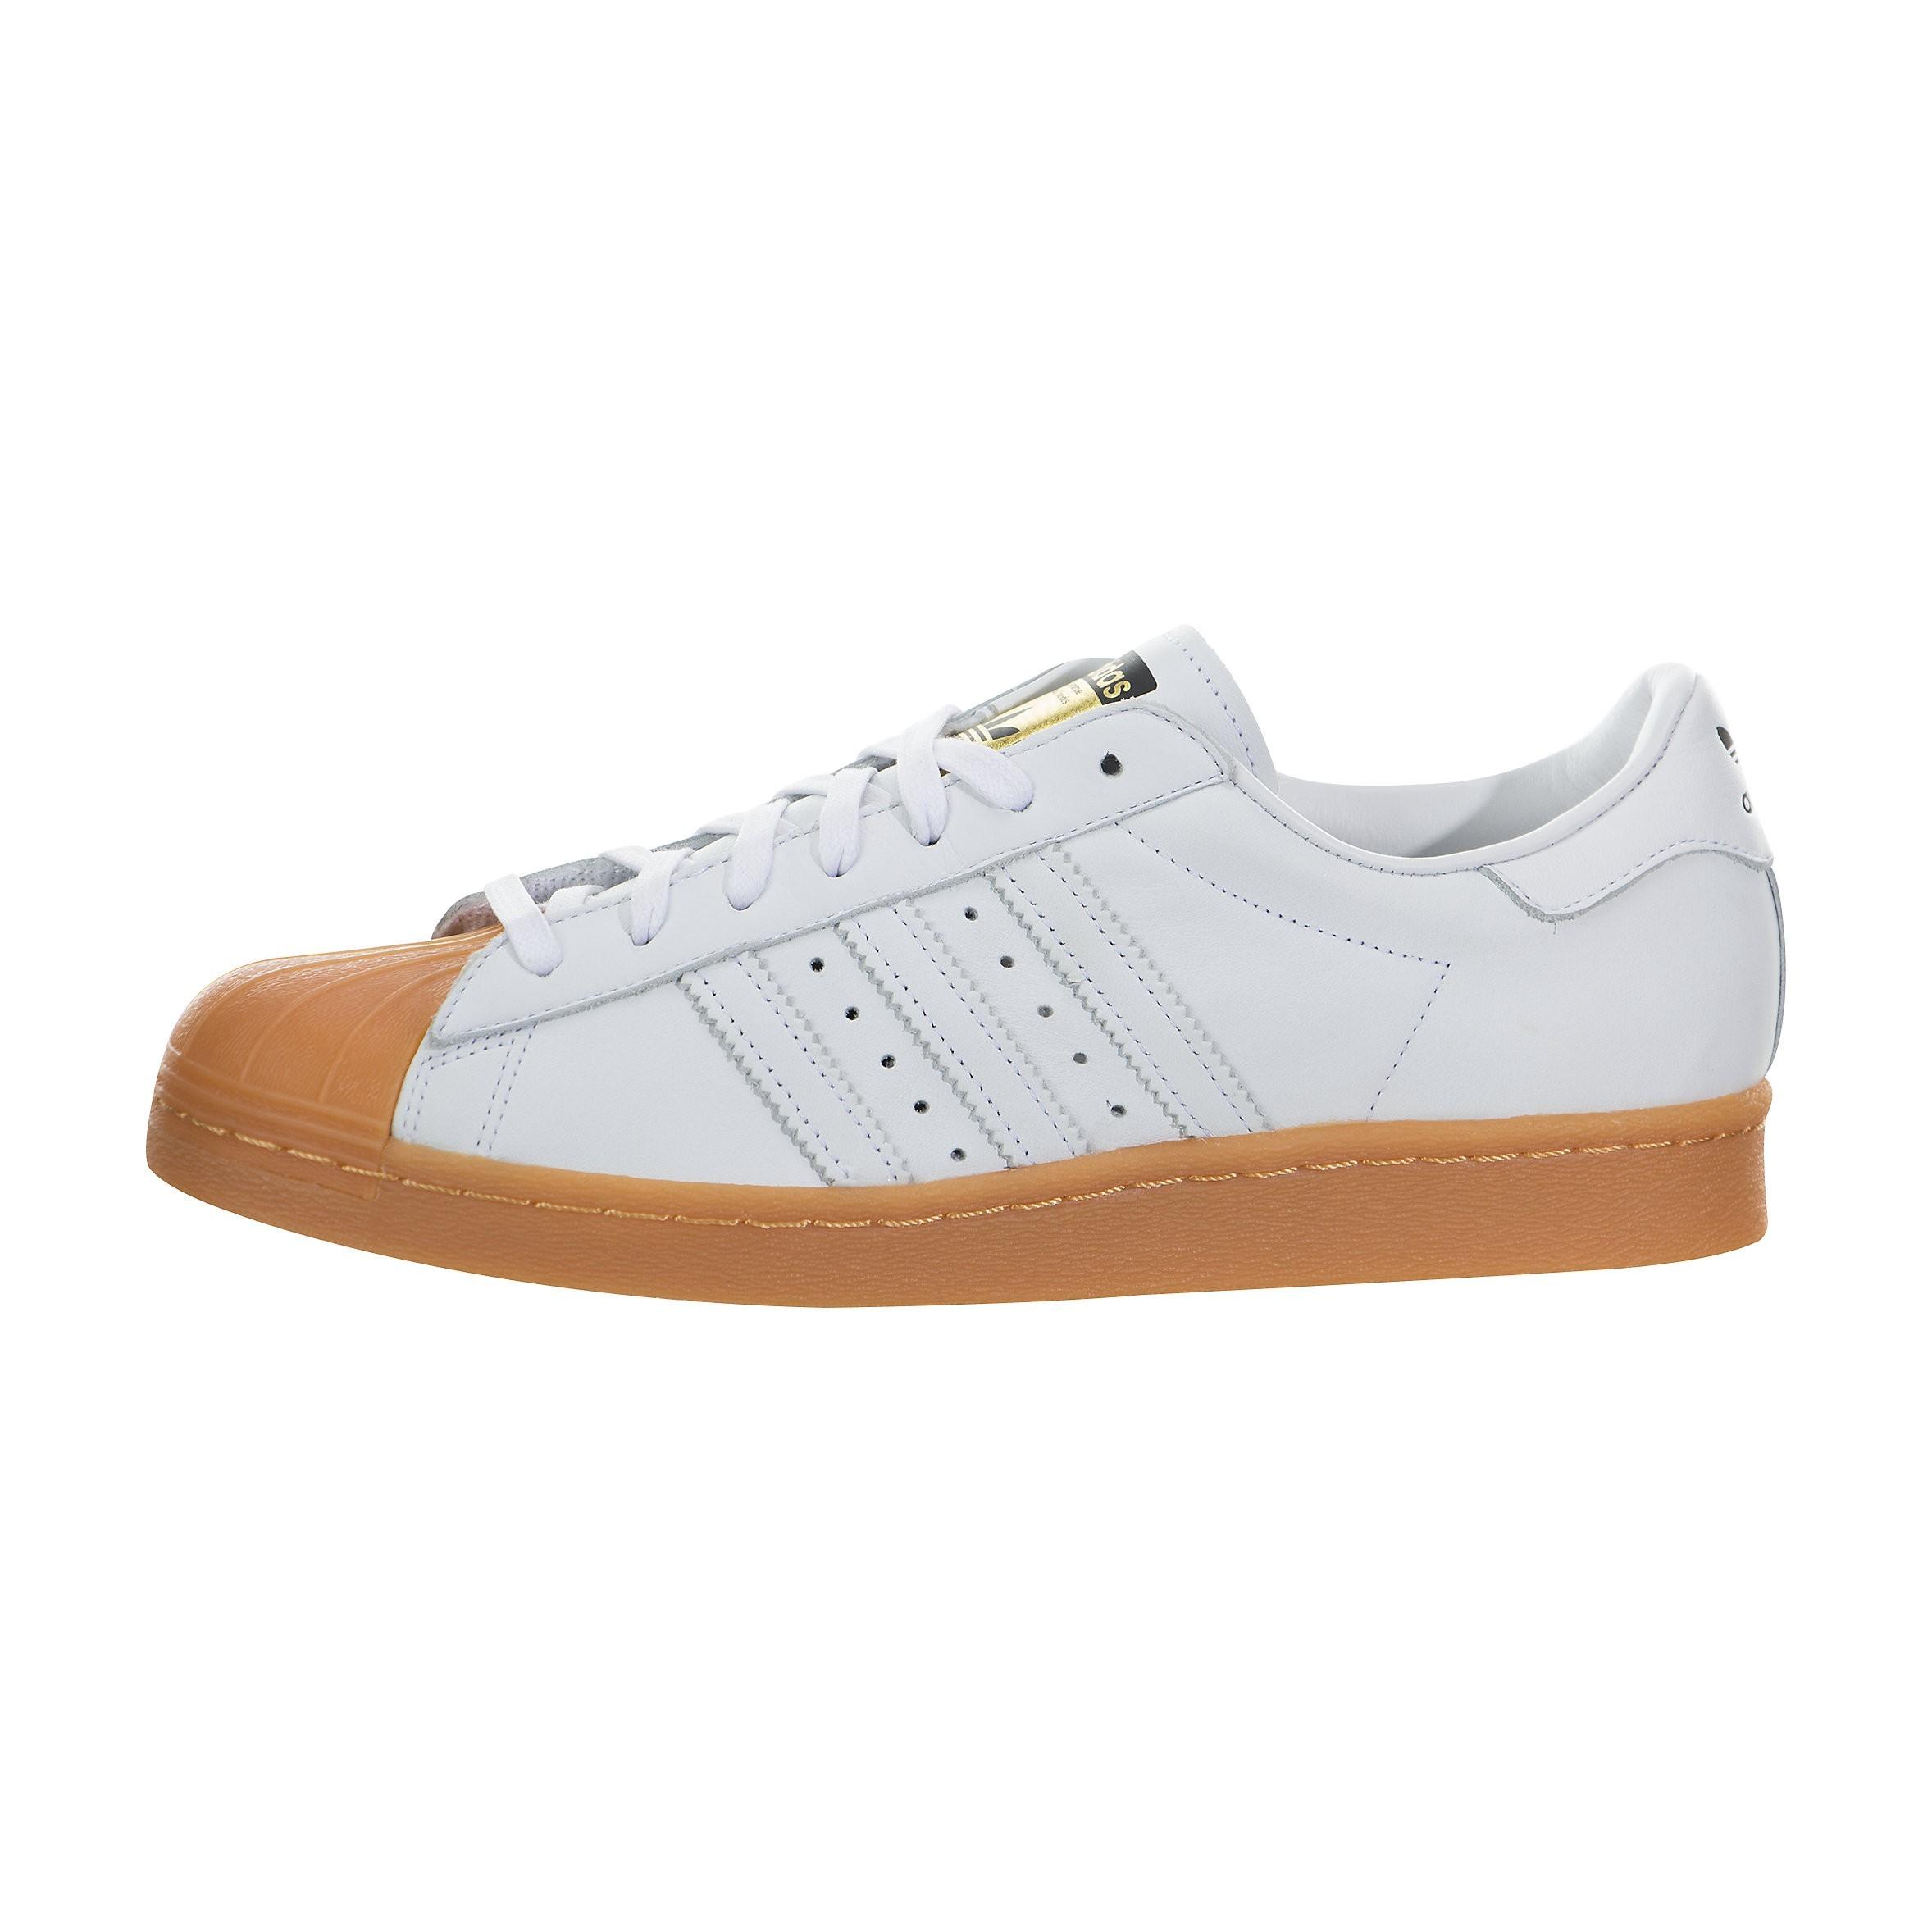 Hombre adidas Originals Superstar 80s DLX Blancas Gum S75830